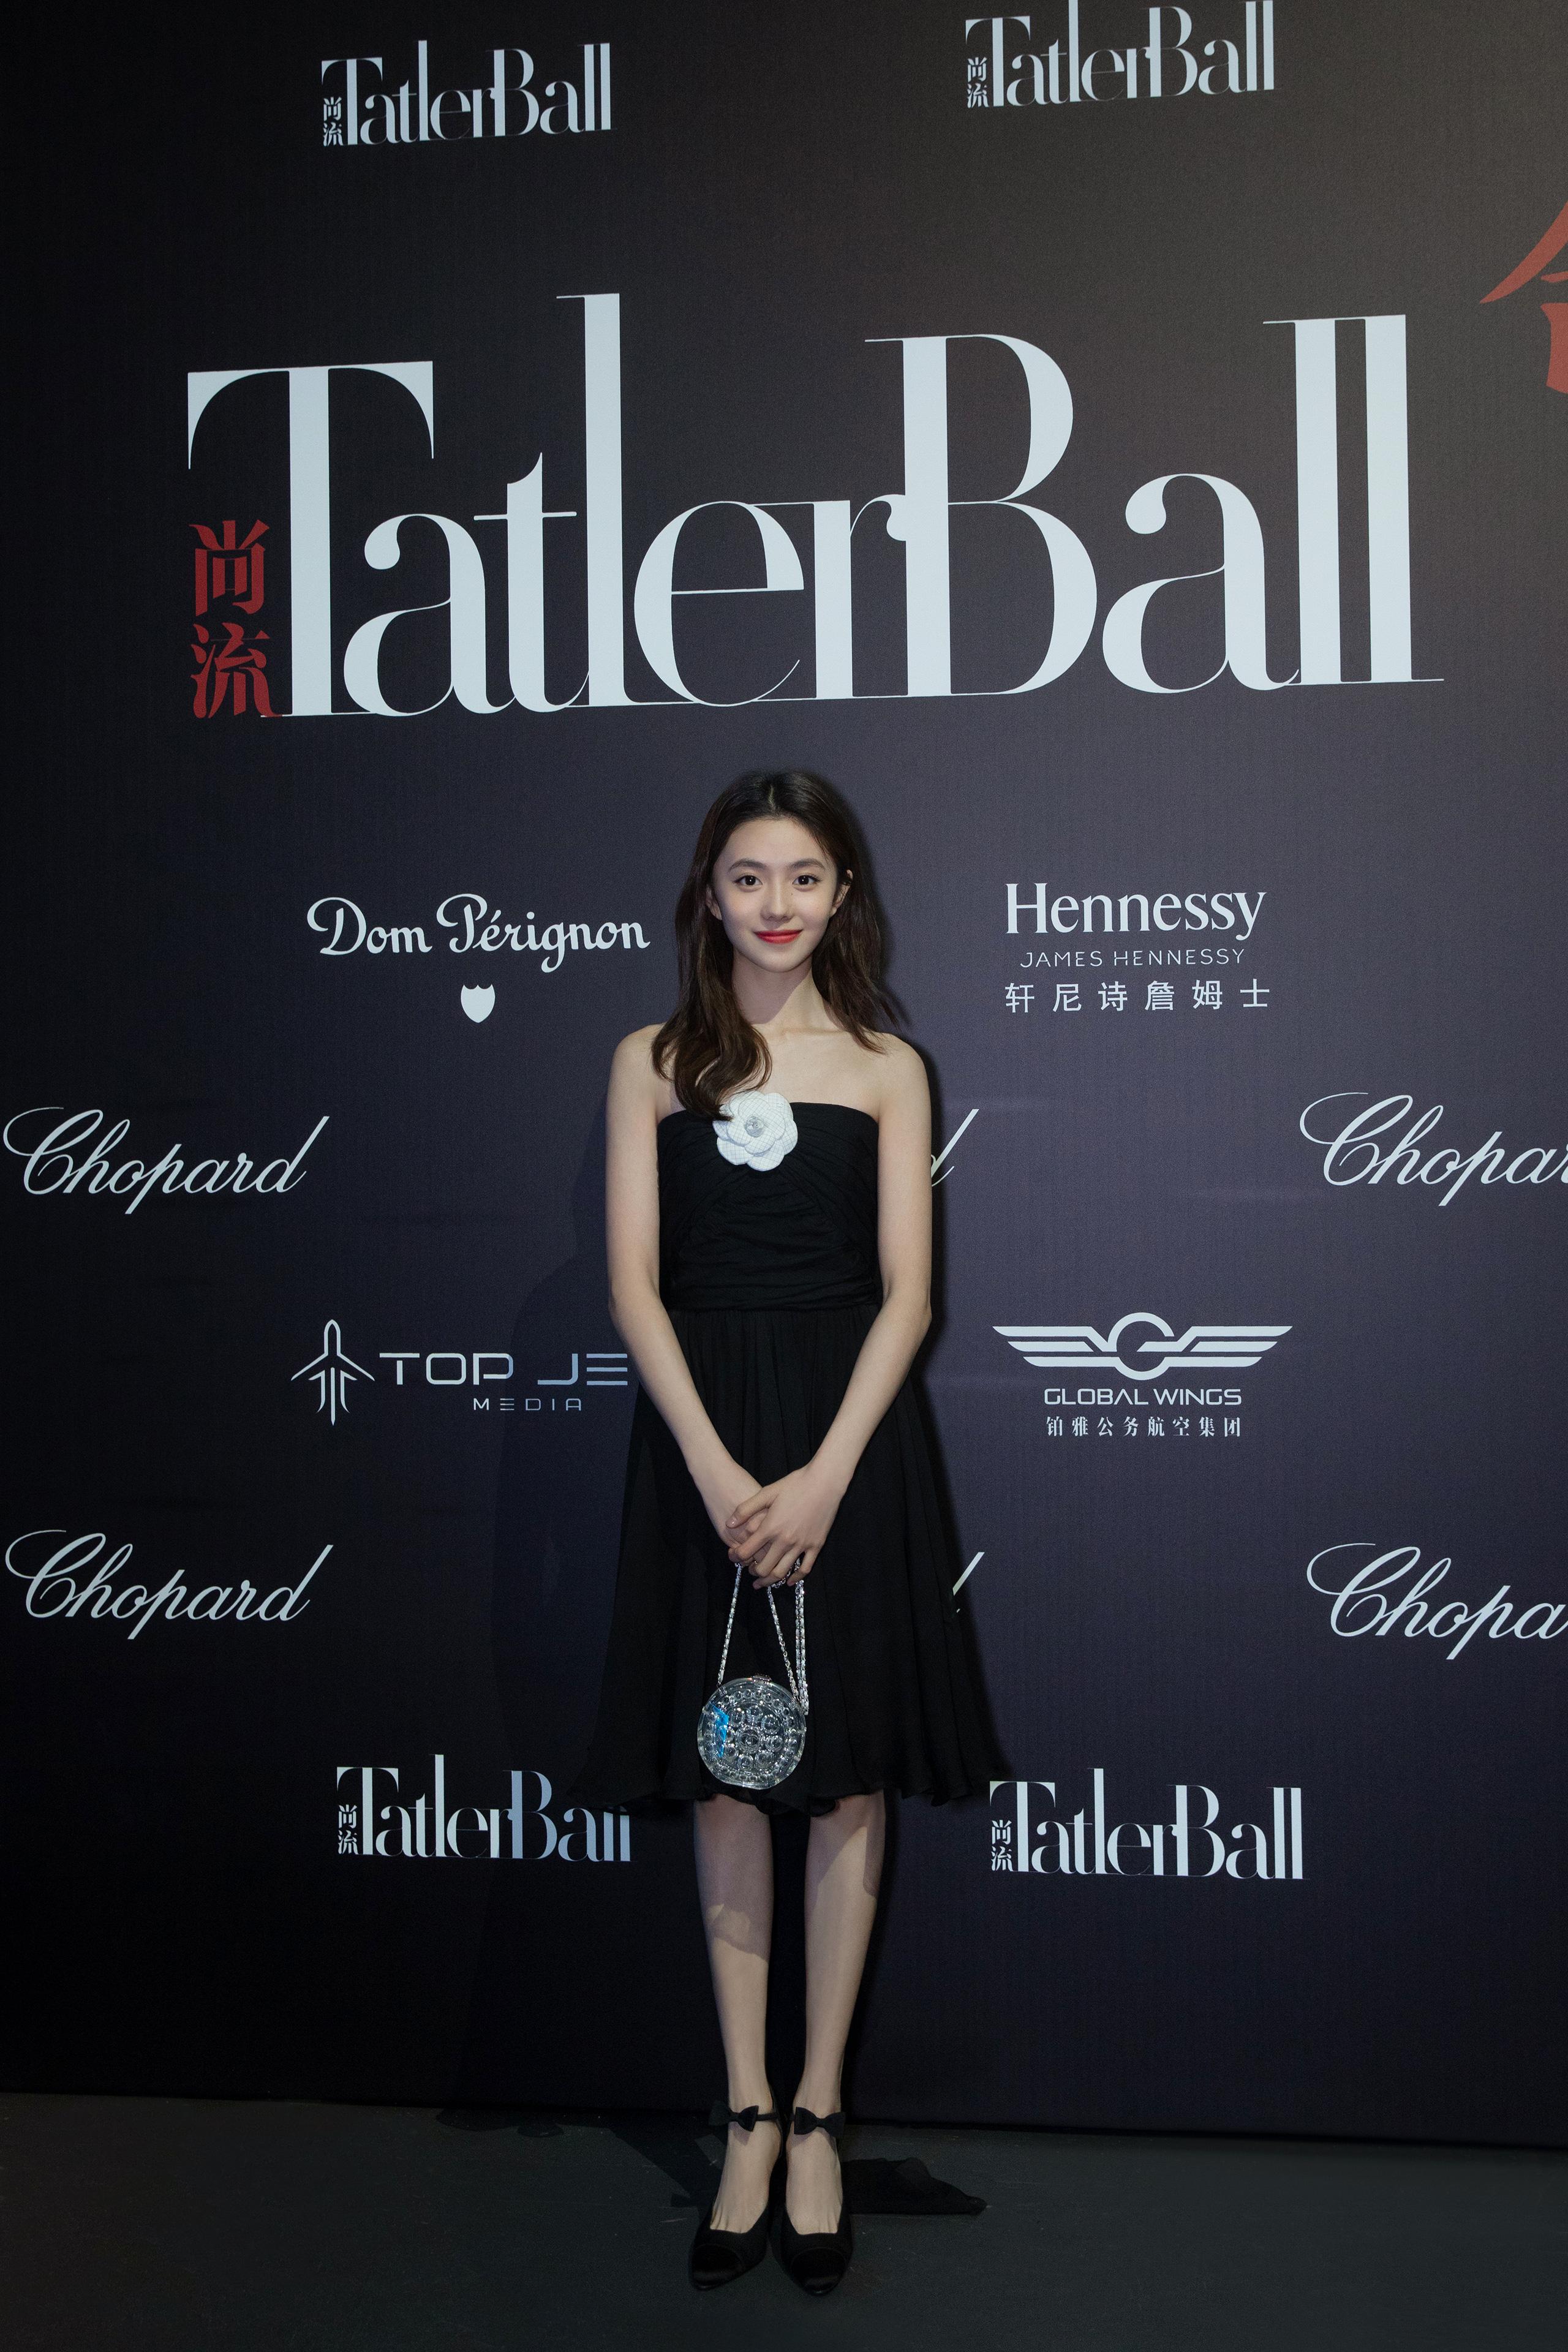 Jennie đụng váy với Mưu nữ lang 2K: Đại sứ Chanel sang chảnh lấn át, Lưu Hạo Tồn bị ví như hot girl mạng - Ảnh 2.